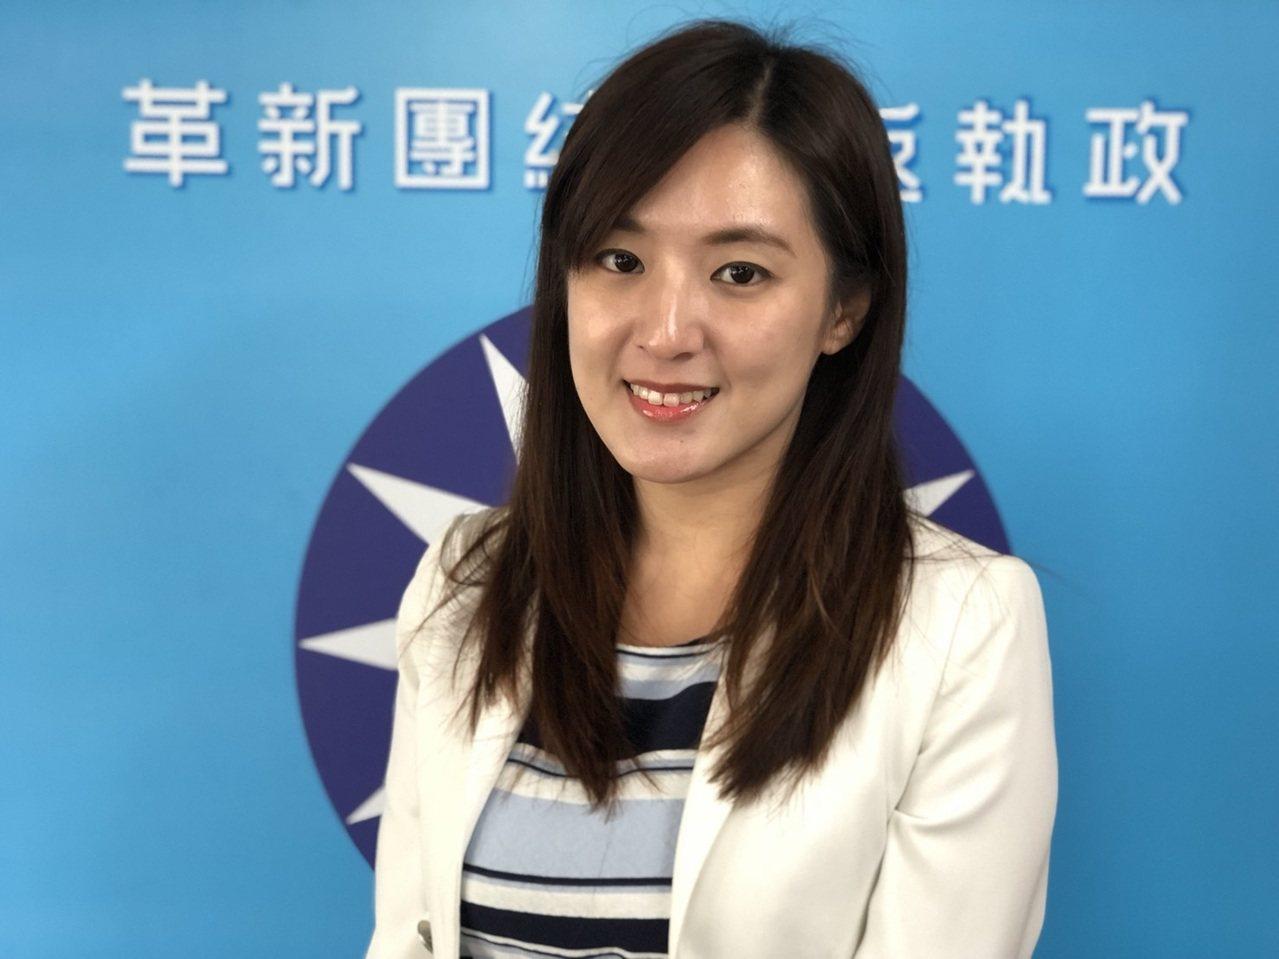 韓國瑜競選辦公室發言人何庭歡。記者王慧瑛/攝影